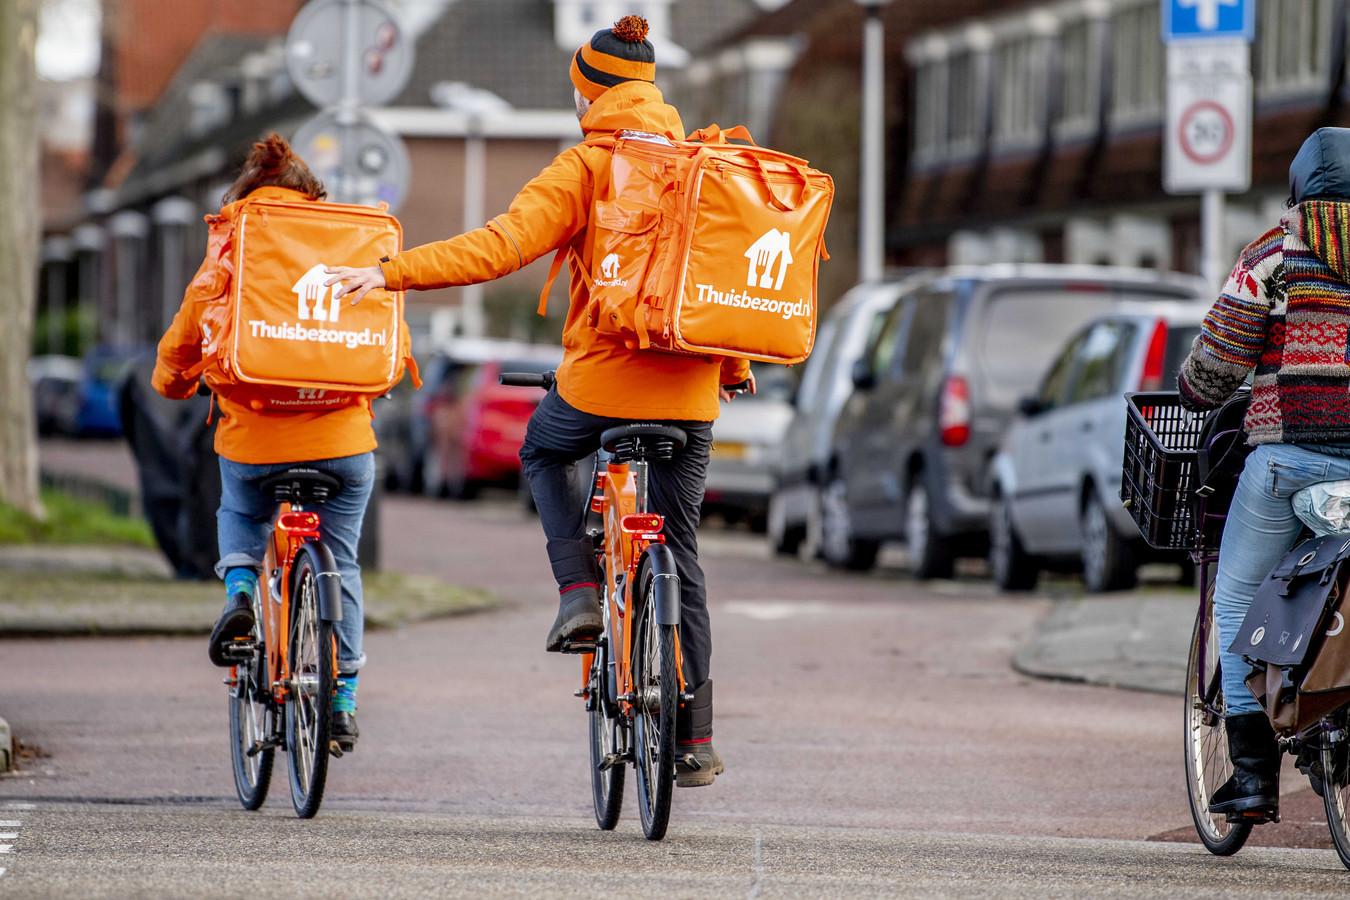 Maaltijdbezorgers van Thuisbezorgd onder weg op hun fiets.